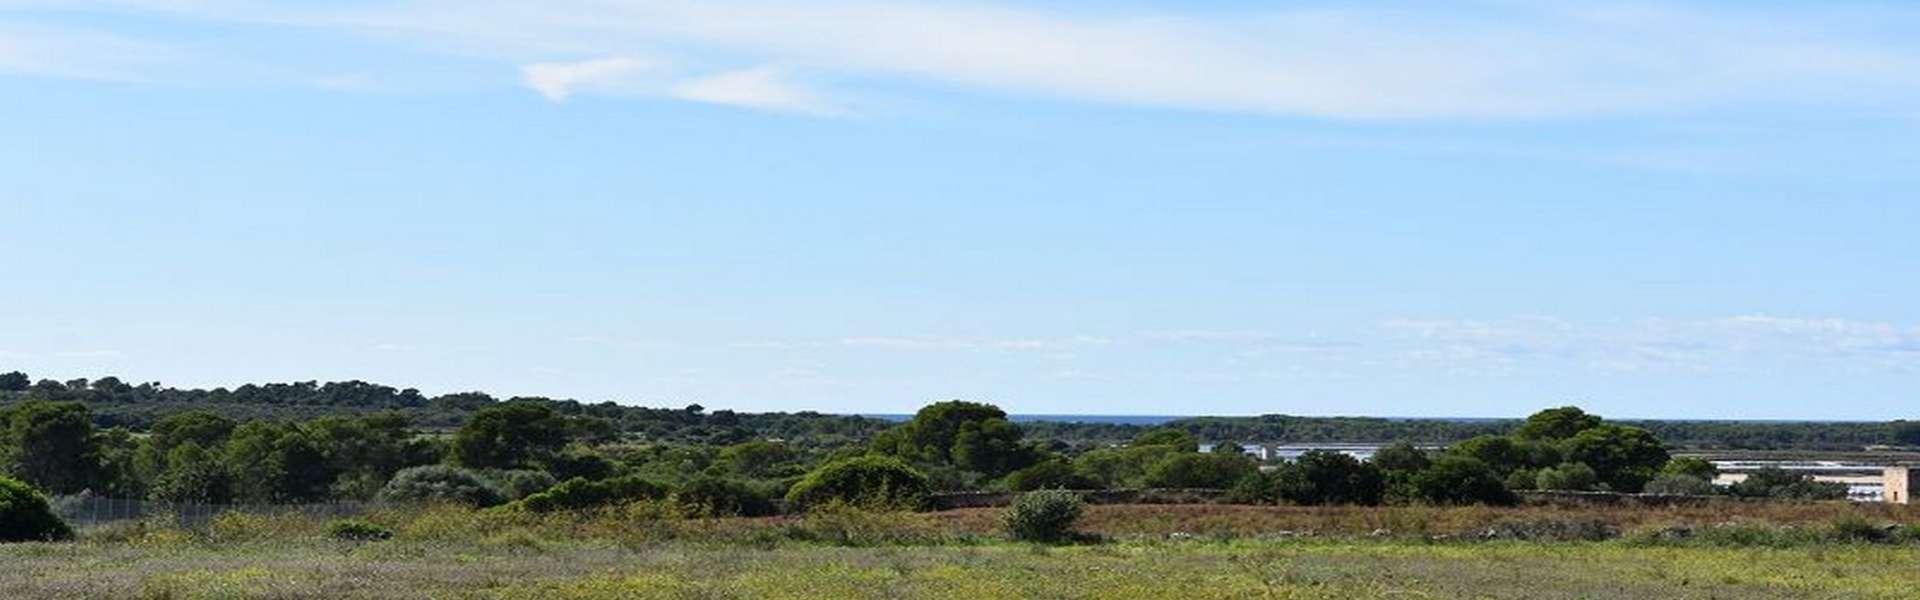 Campos - Grundstück mit Bauprojekt